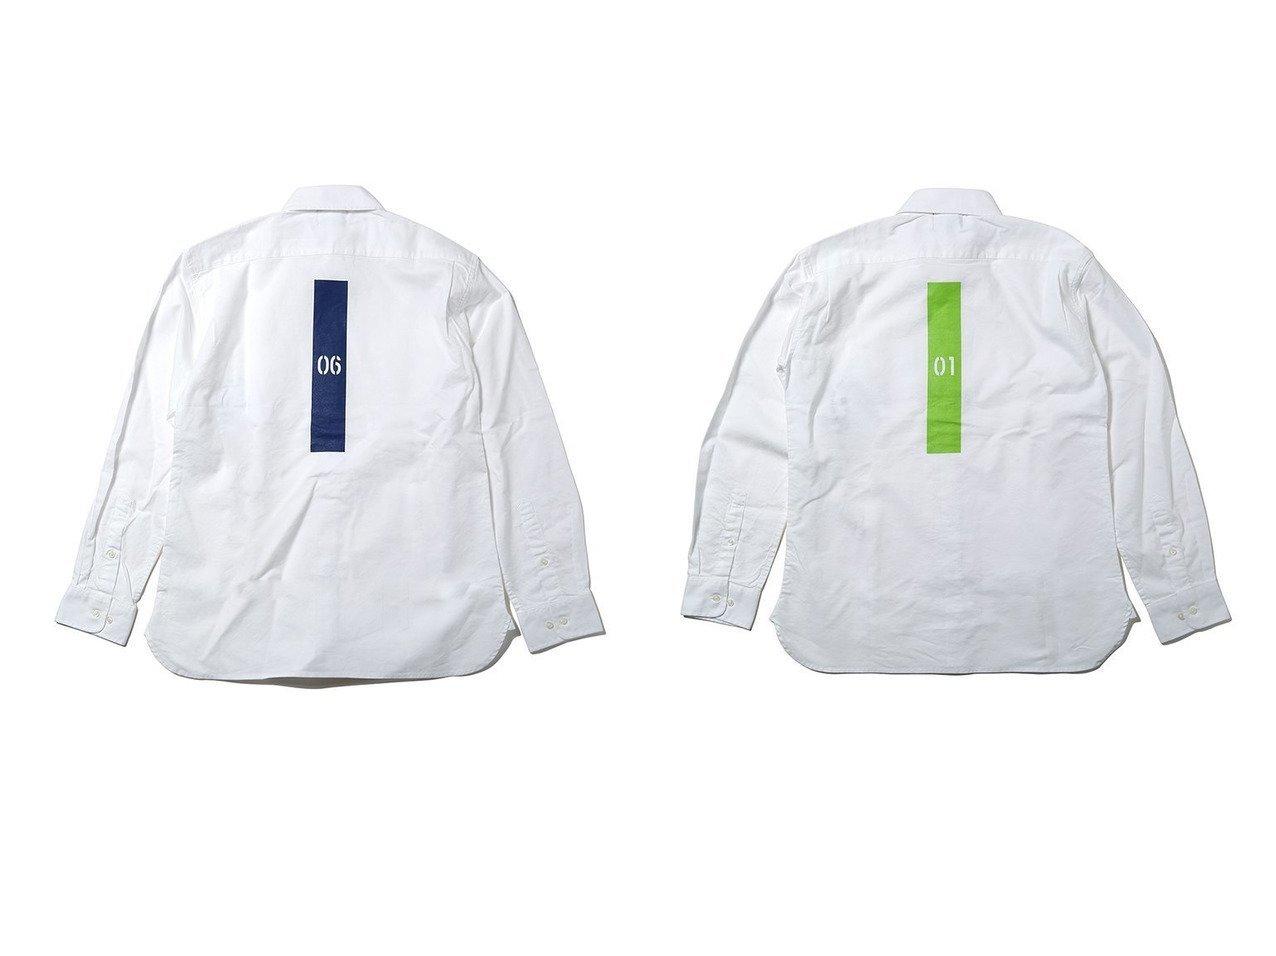 【RADIO EVA/ラヂオエヴァ】のEVANGELION New Numbering Shirts トップス・カットソーのおすすめ!人気、トレンド・レディースファッションの通販 おすすめで人気の流行・トレンド、ファッションの通販商品 メンズファッション・キッズファッション・インテリア・家具・レディースファッション・服の通販 founy(ファニー) https://founy.com/ ファッション Fashion レディースファッション WOMEN トップス カットソー Tops Tshirt シャツ/ブラウス Shirts Blouses グラフィック 人気 プリント ベーシック |ID:crp329100000022983